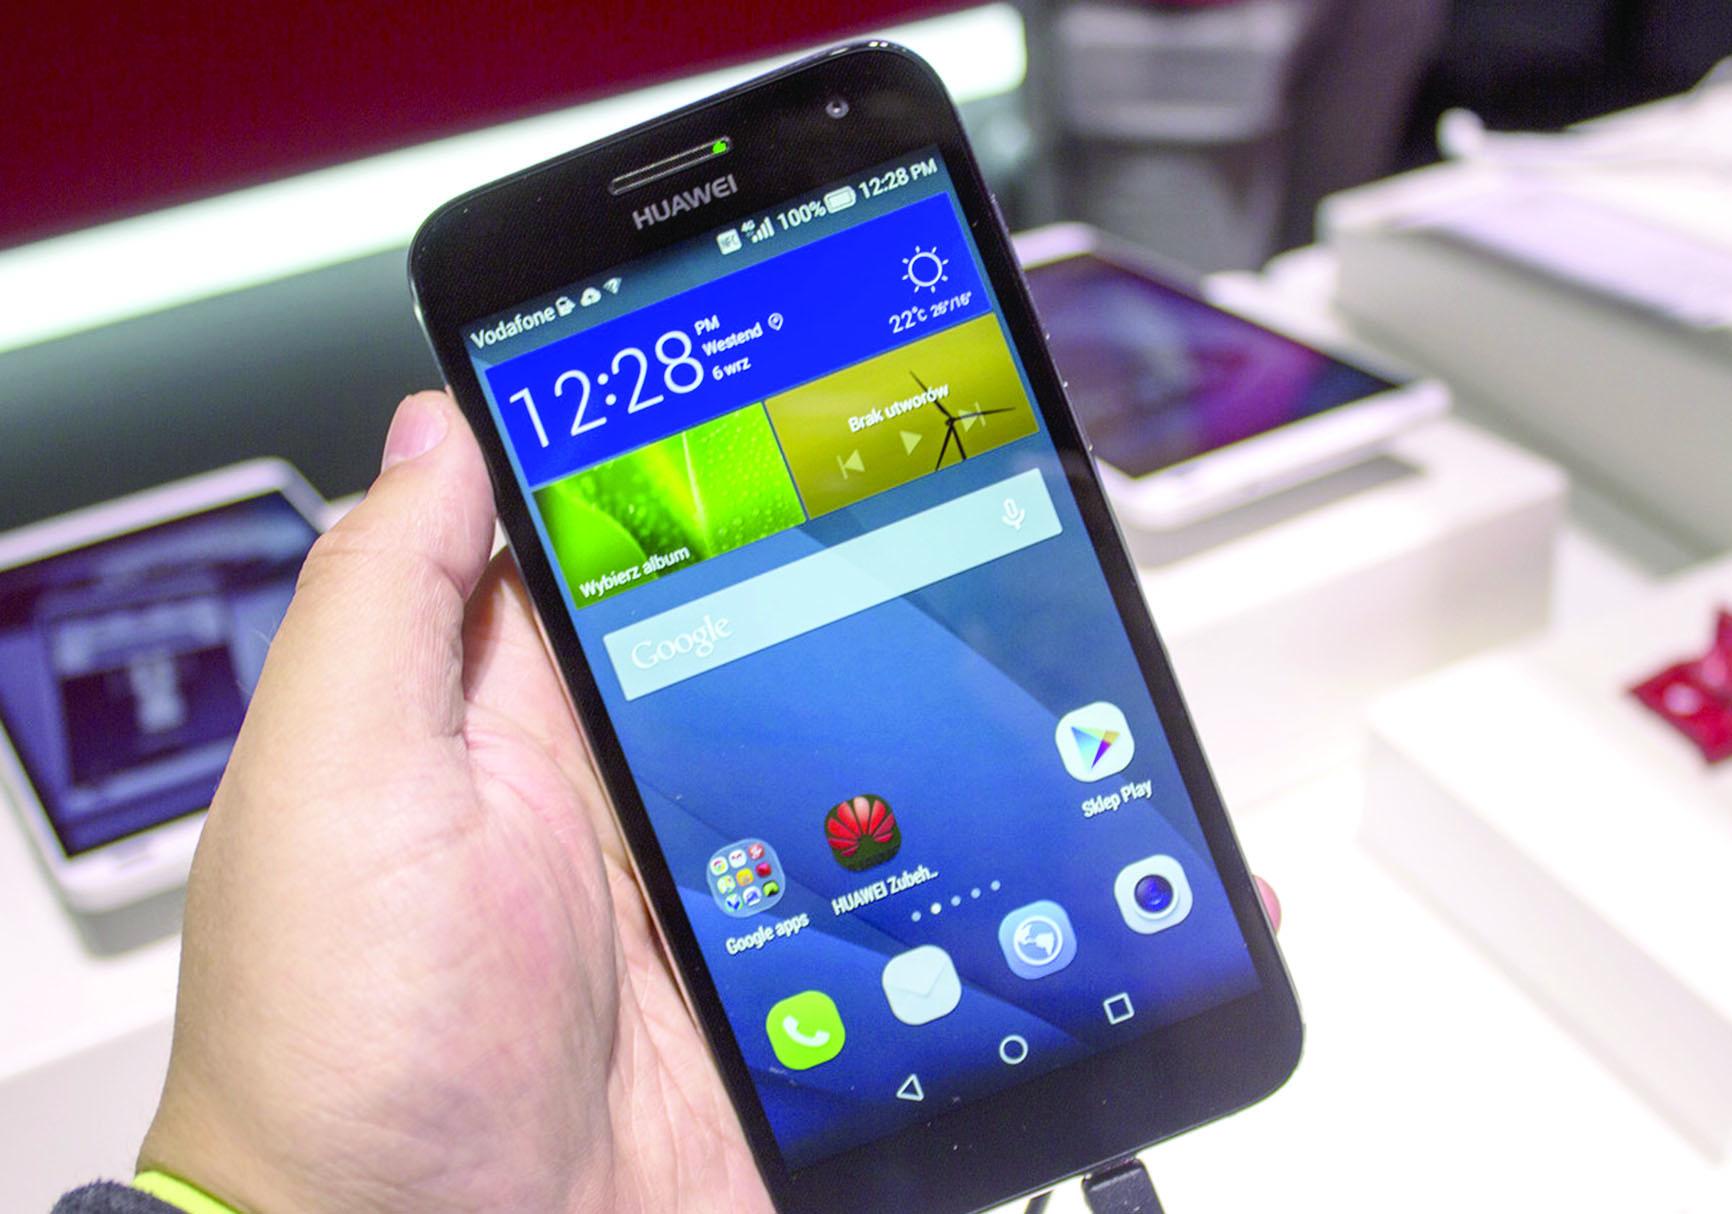 جارتنر: الهواتف الصينية تتقدم وسامسونج وآيفون في تراجع